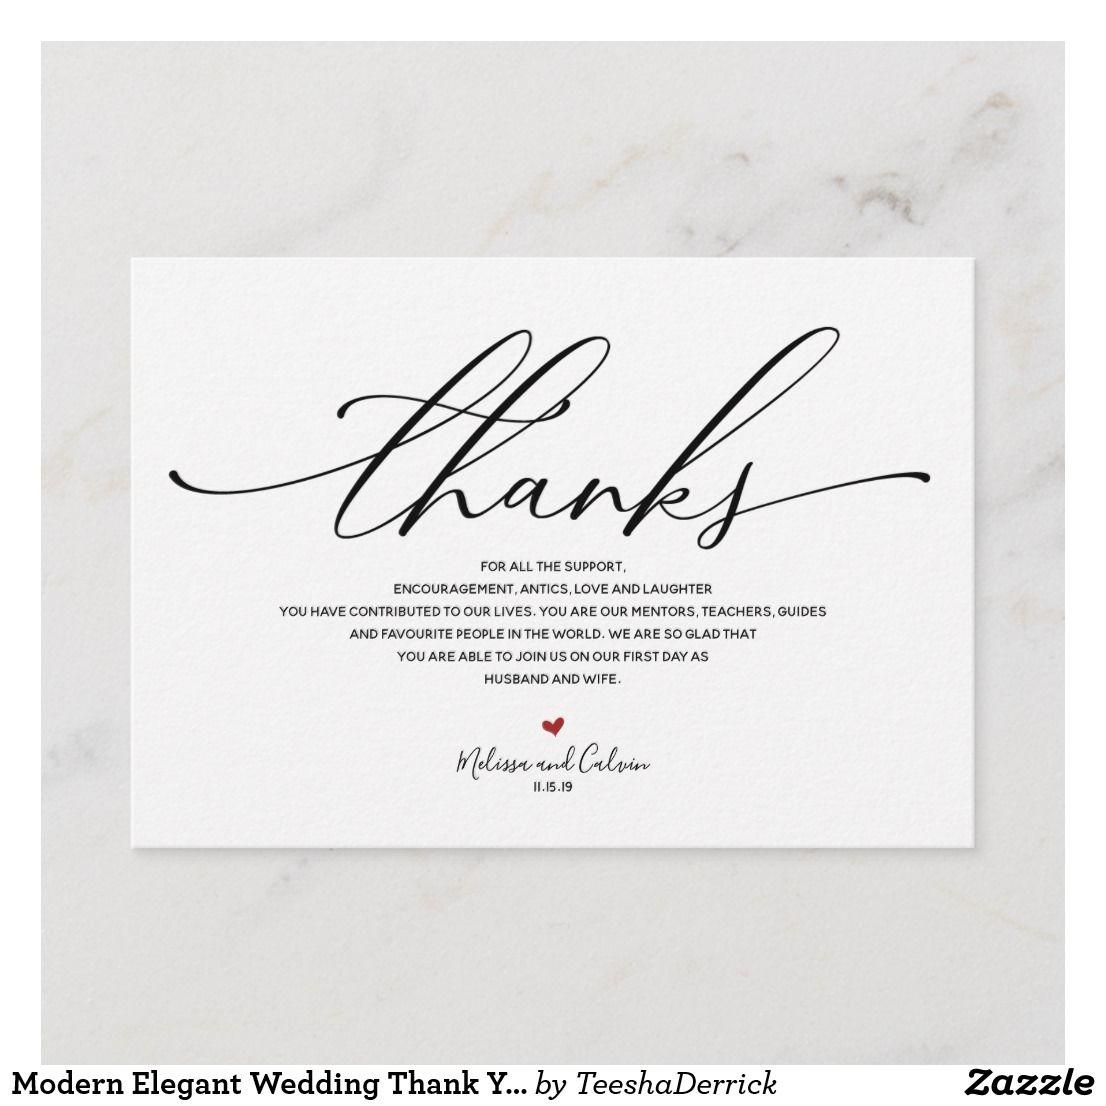 Modern Elegant Wedding Thank You Card